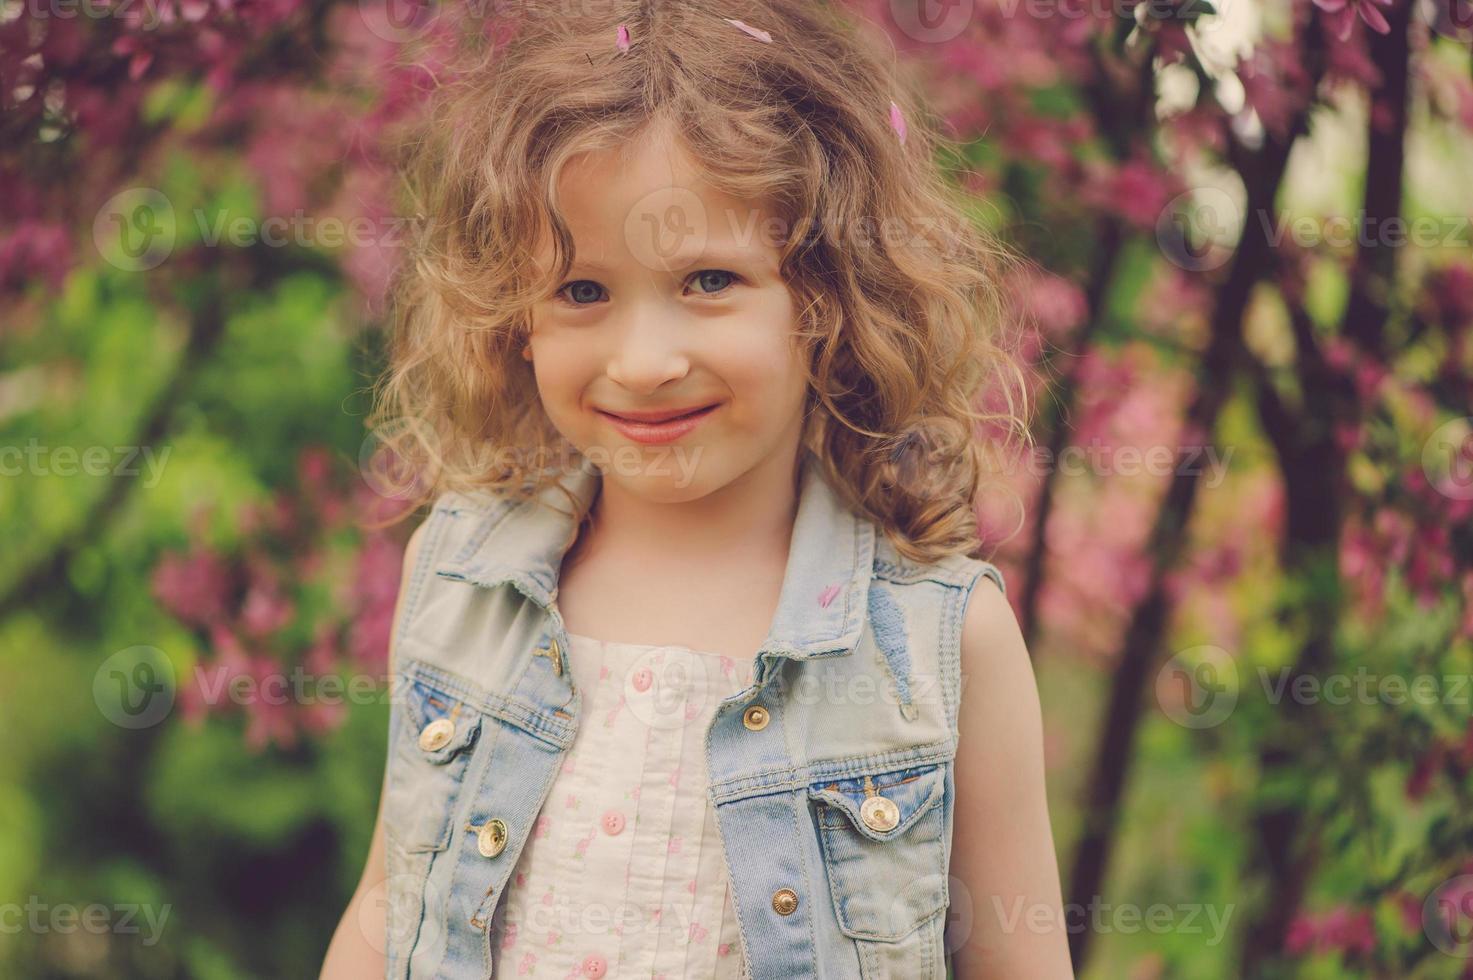 menina bonita criança curtindo a primavera no acolhedor jardim do país foto